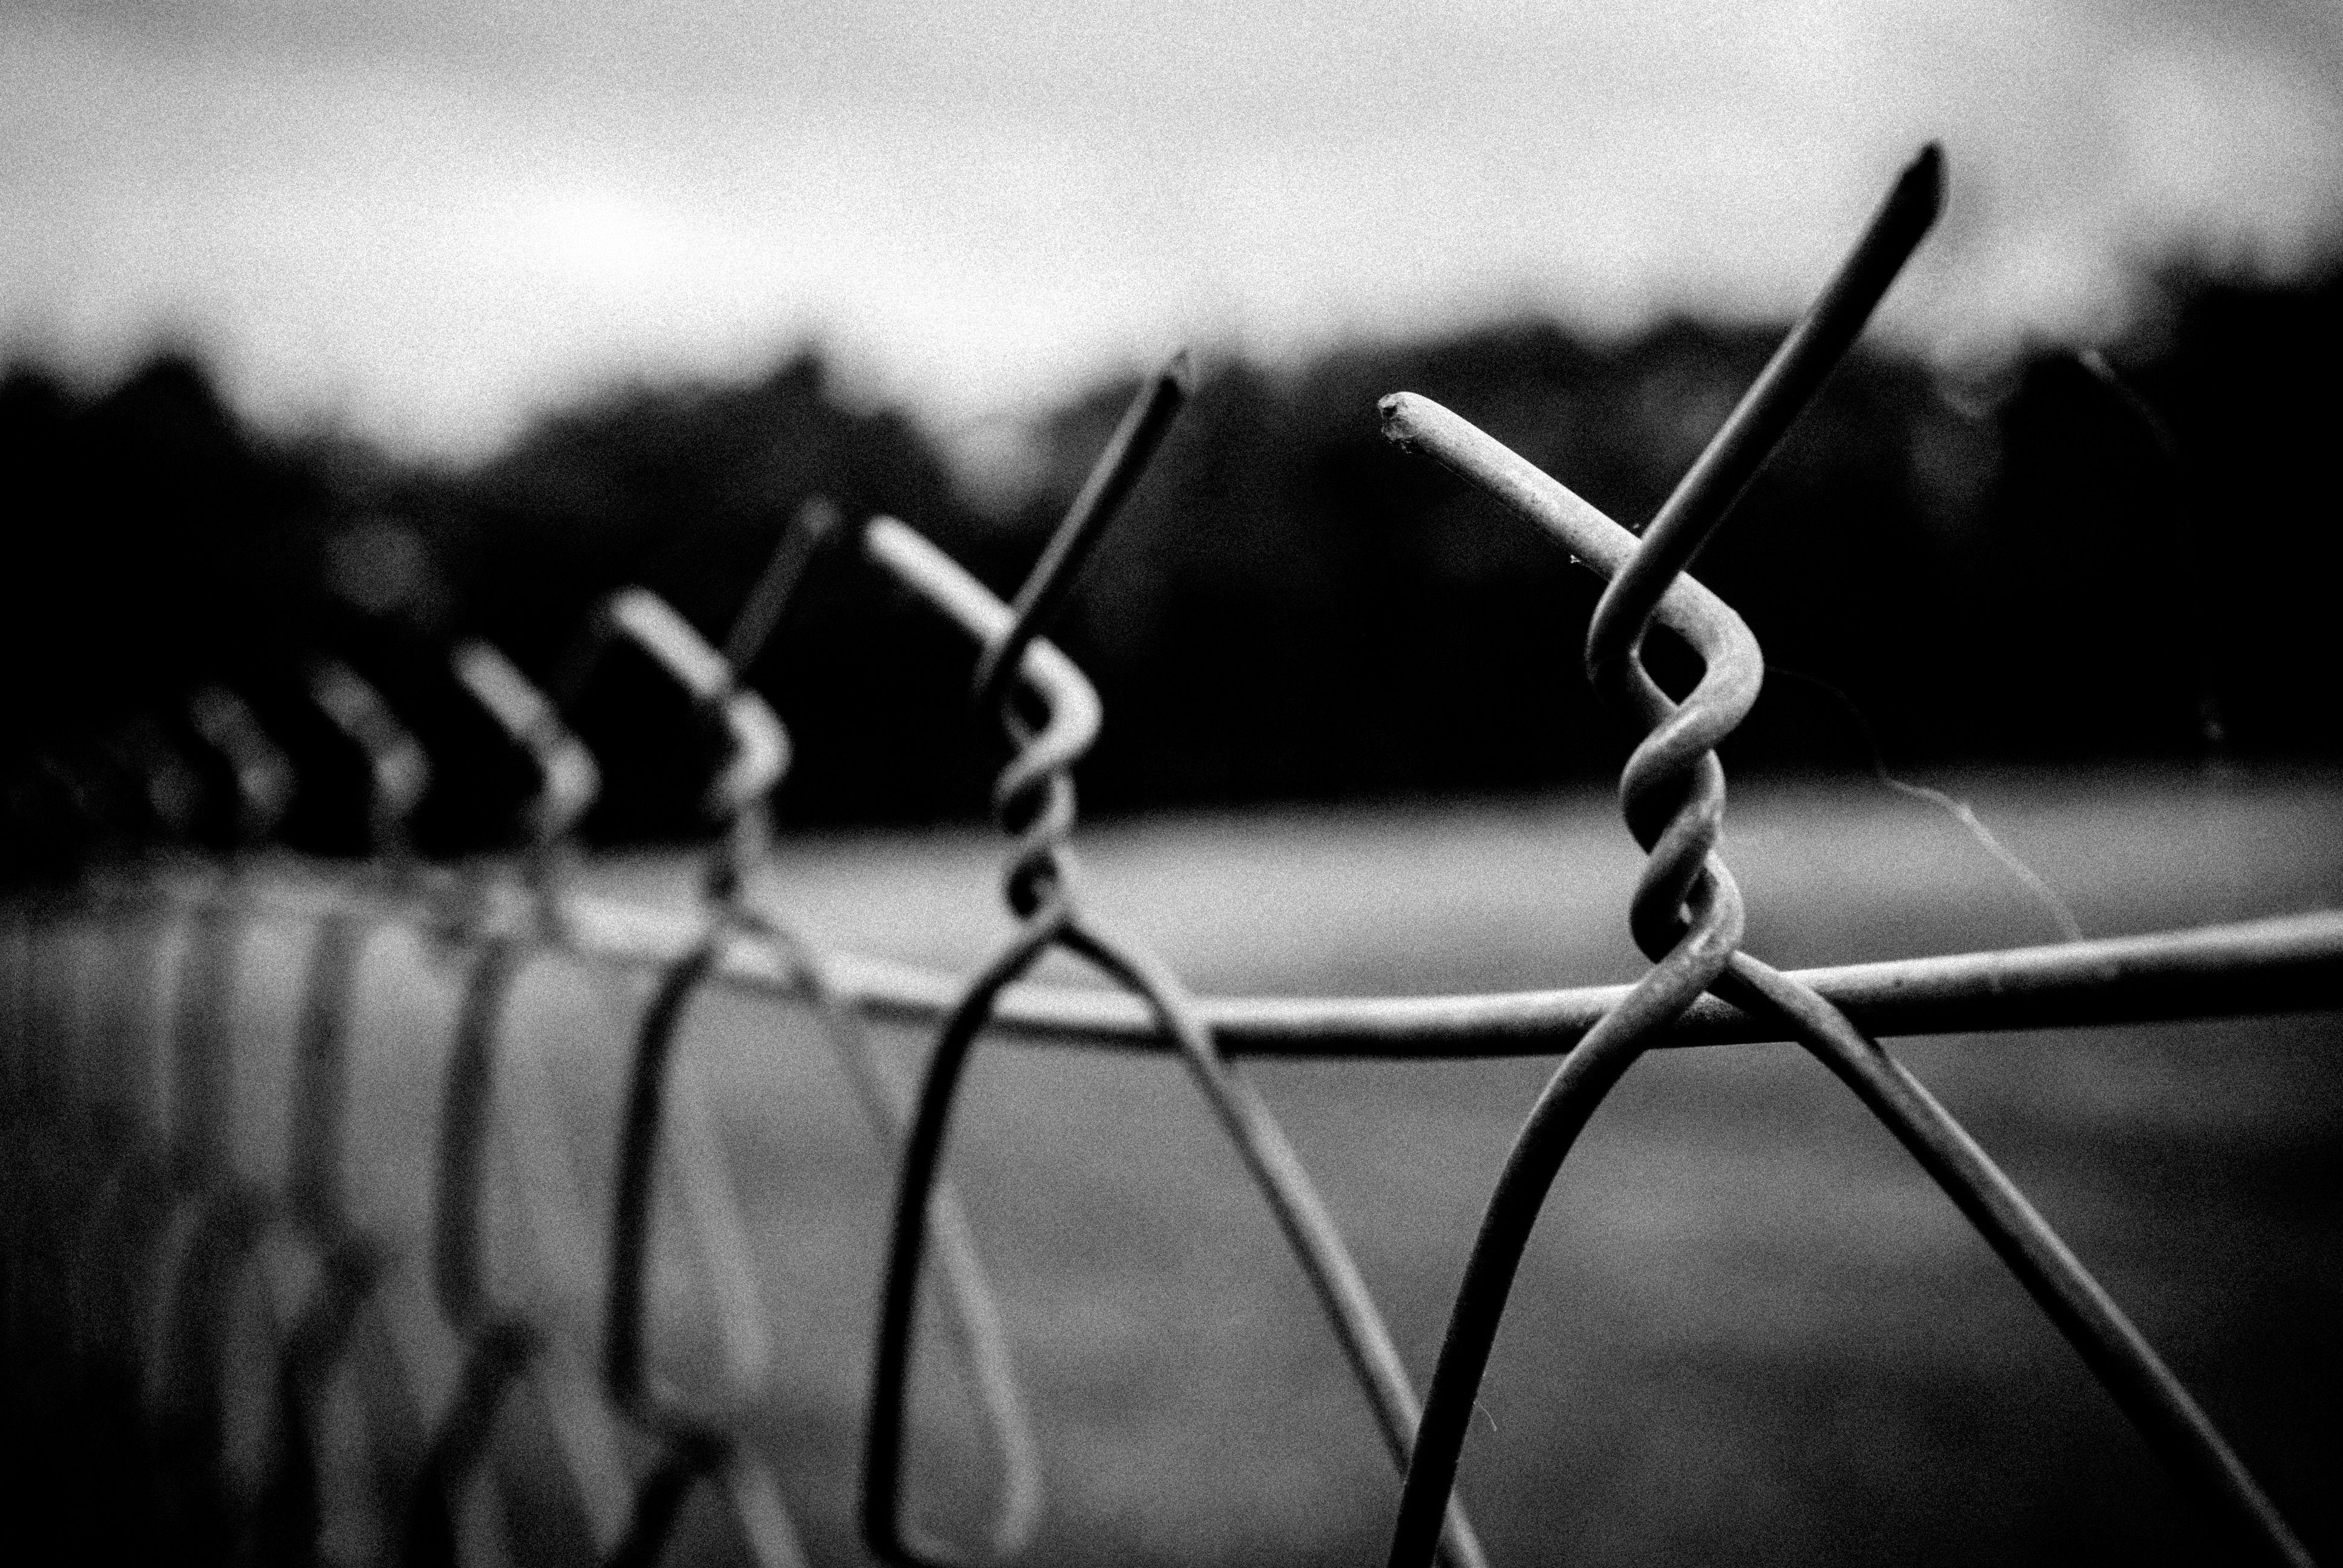 Вигівського перевели зі штрафного ізолятора до барака / flickr.com/Jérémy LARROQUE